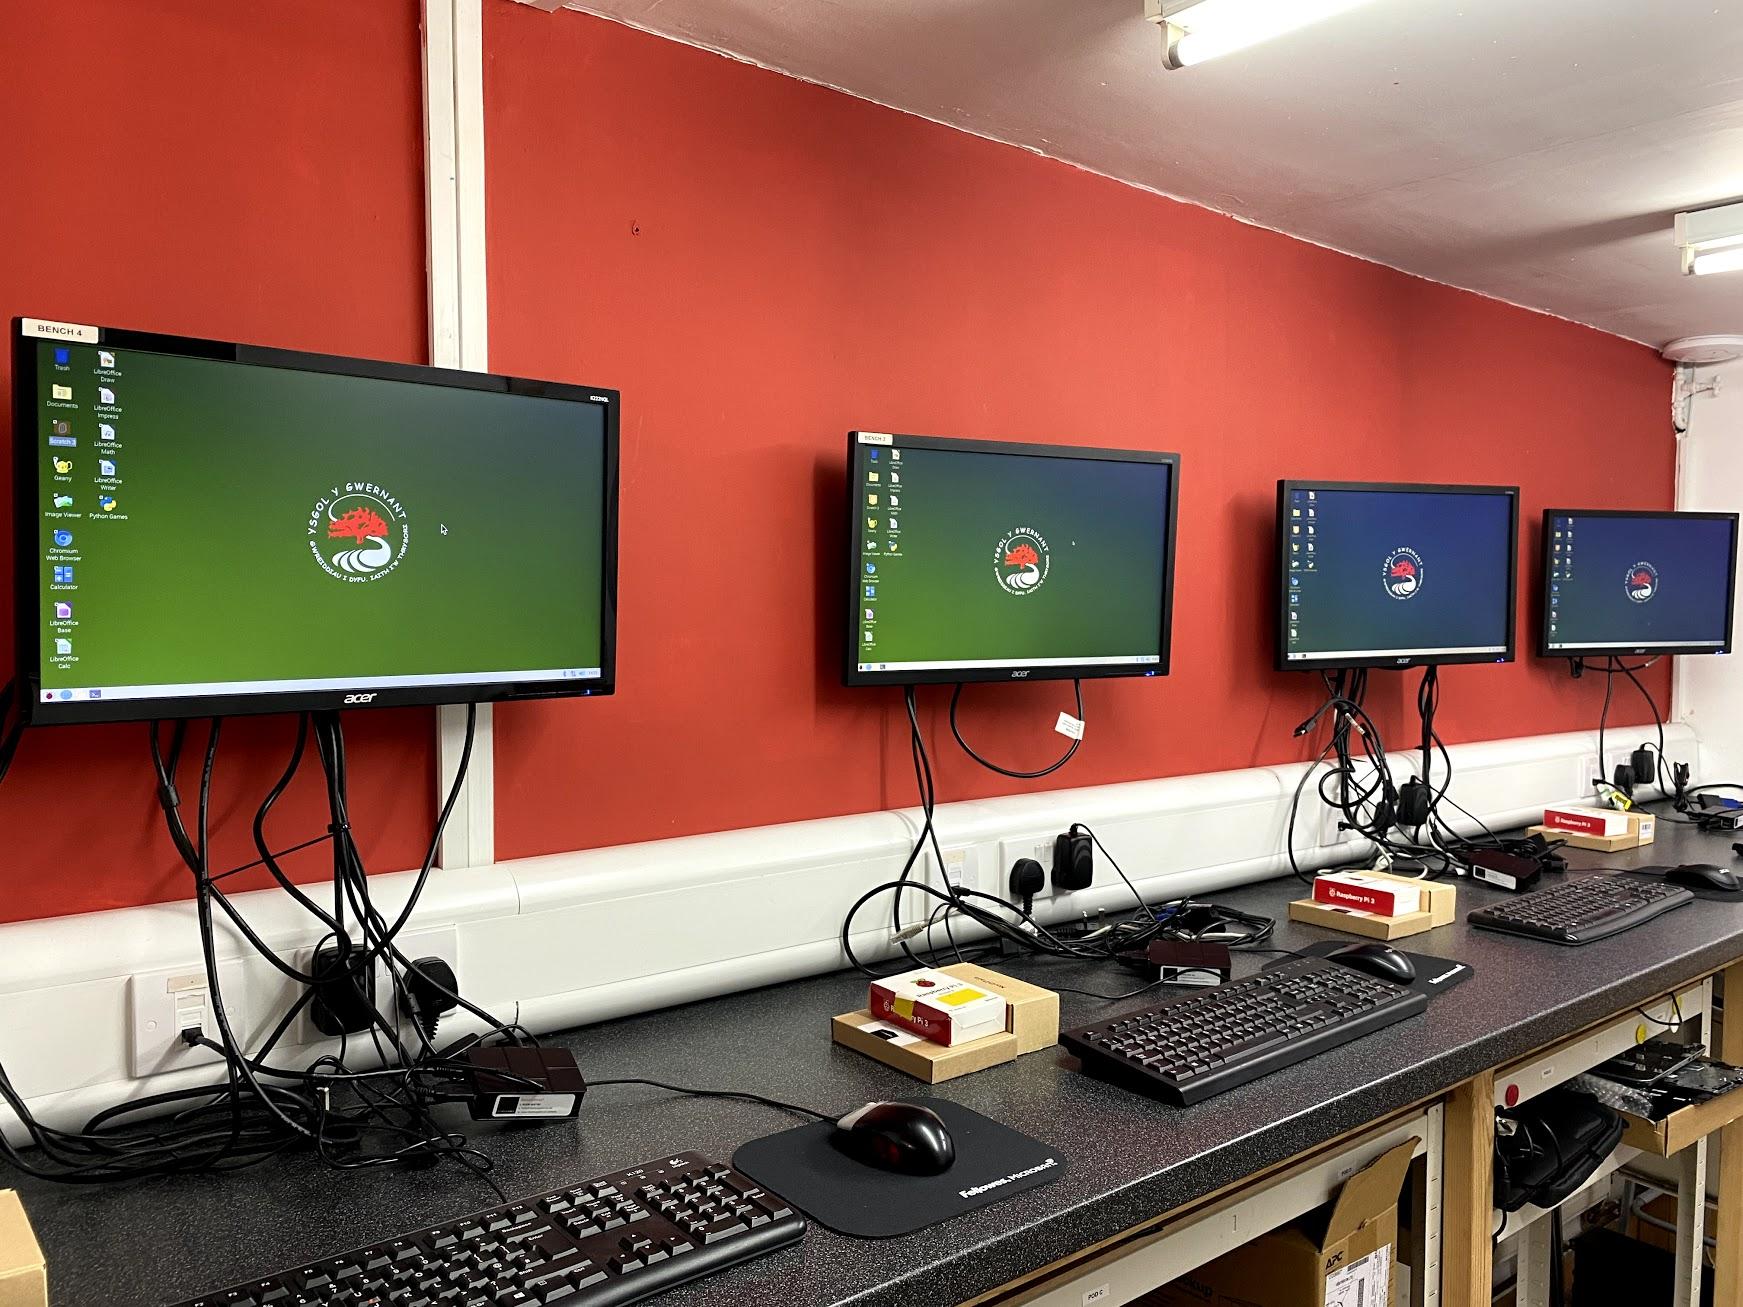 IT-Pro donates Raspberry Pi computers to Ysgol y Gwernant